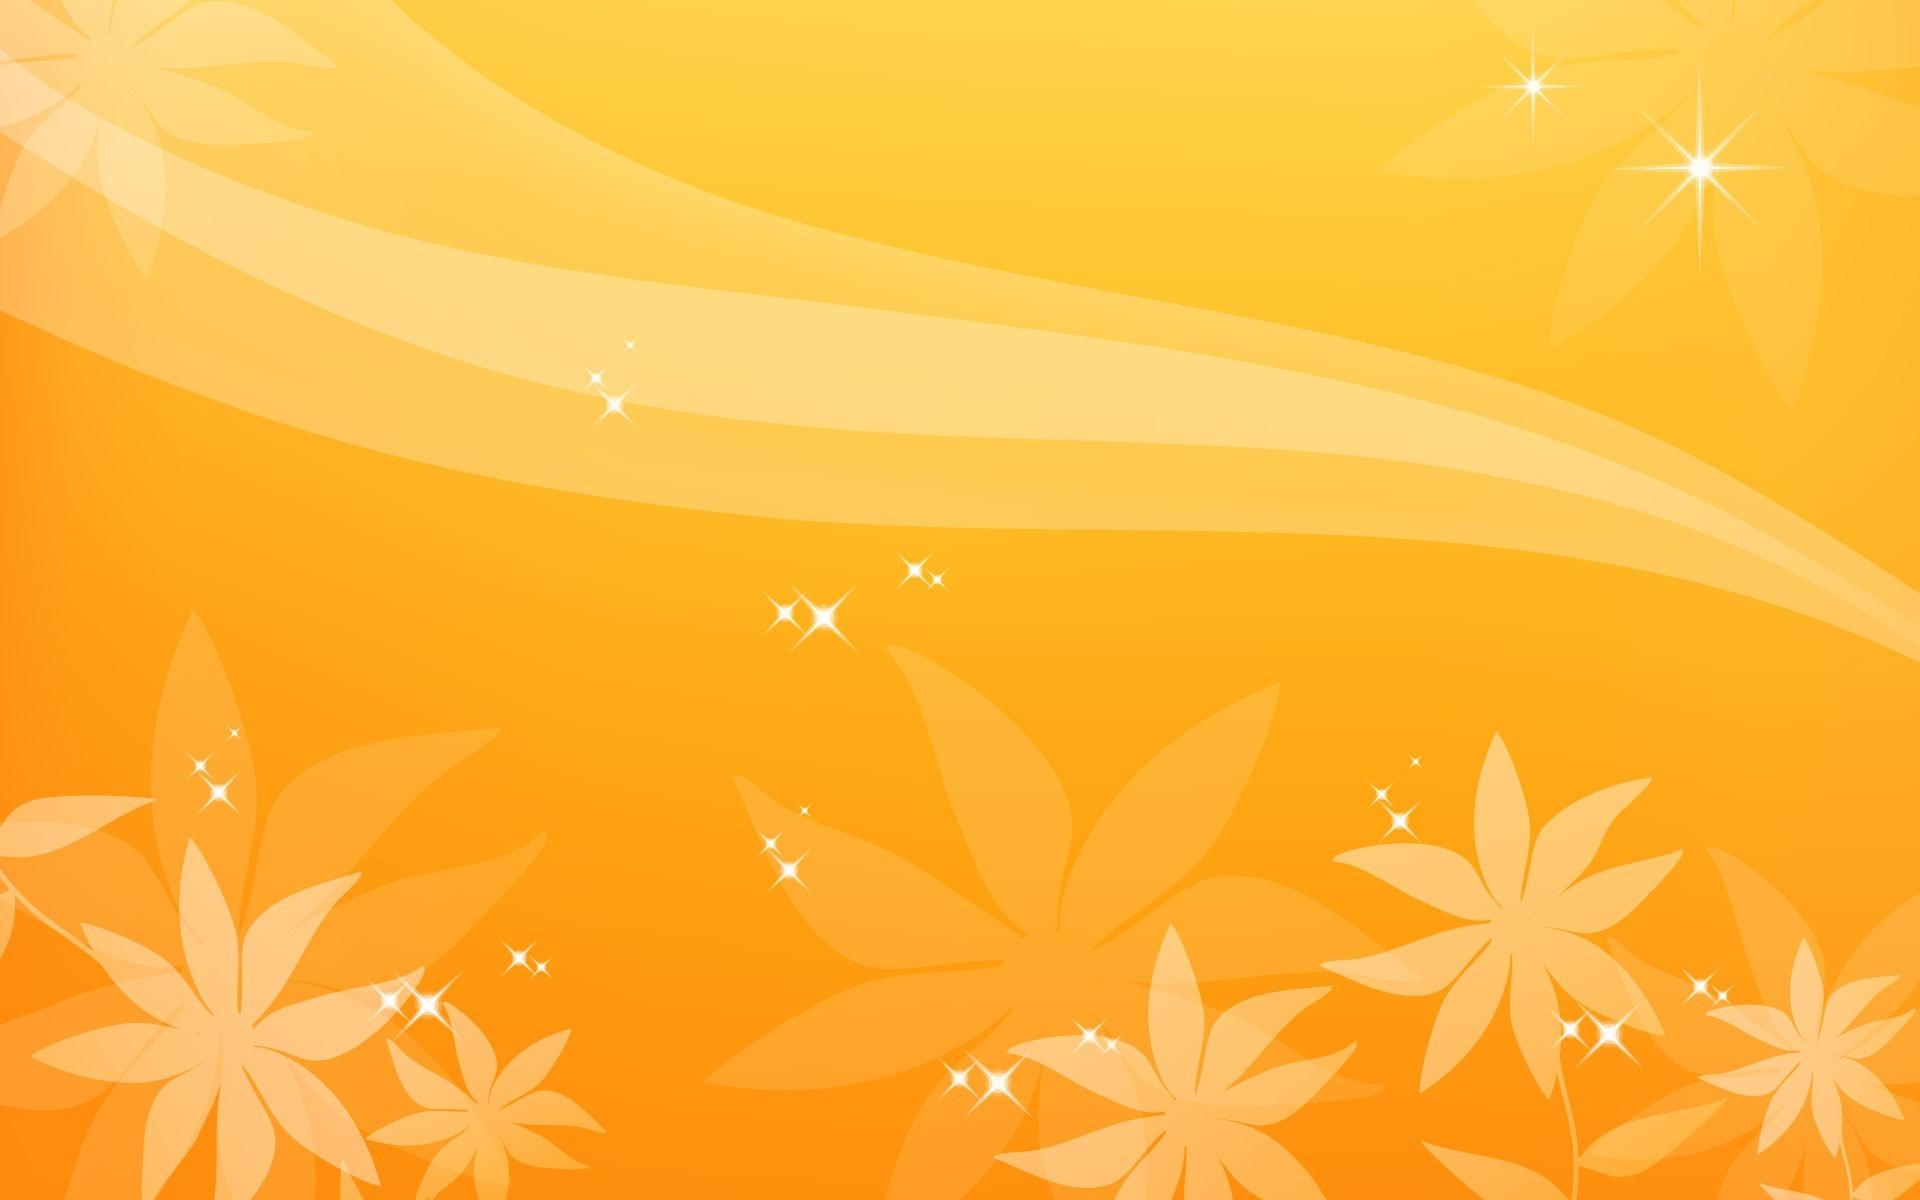 Starry Flashes on Orange Background Images